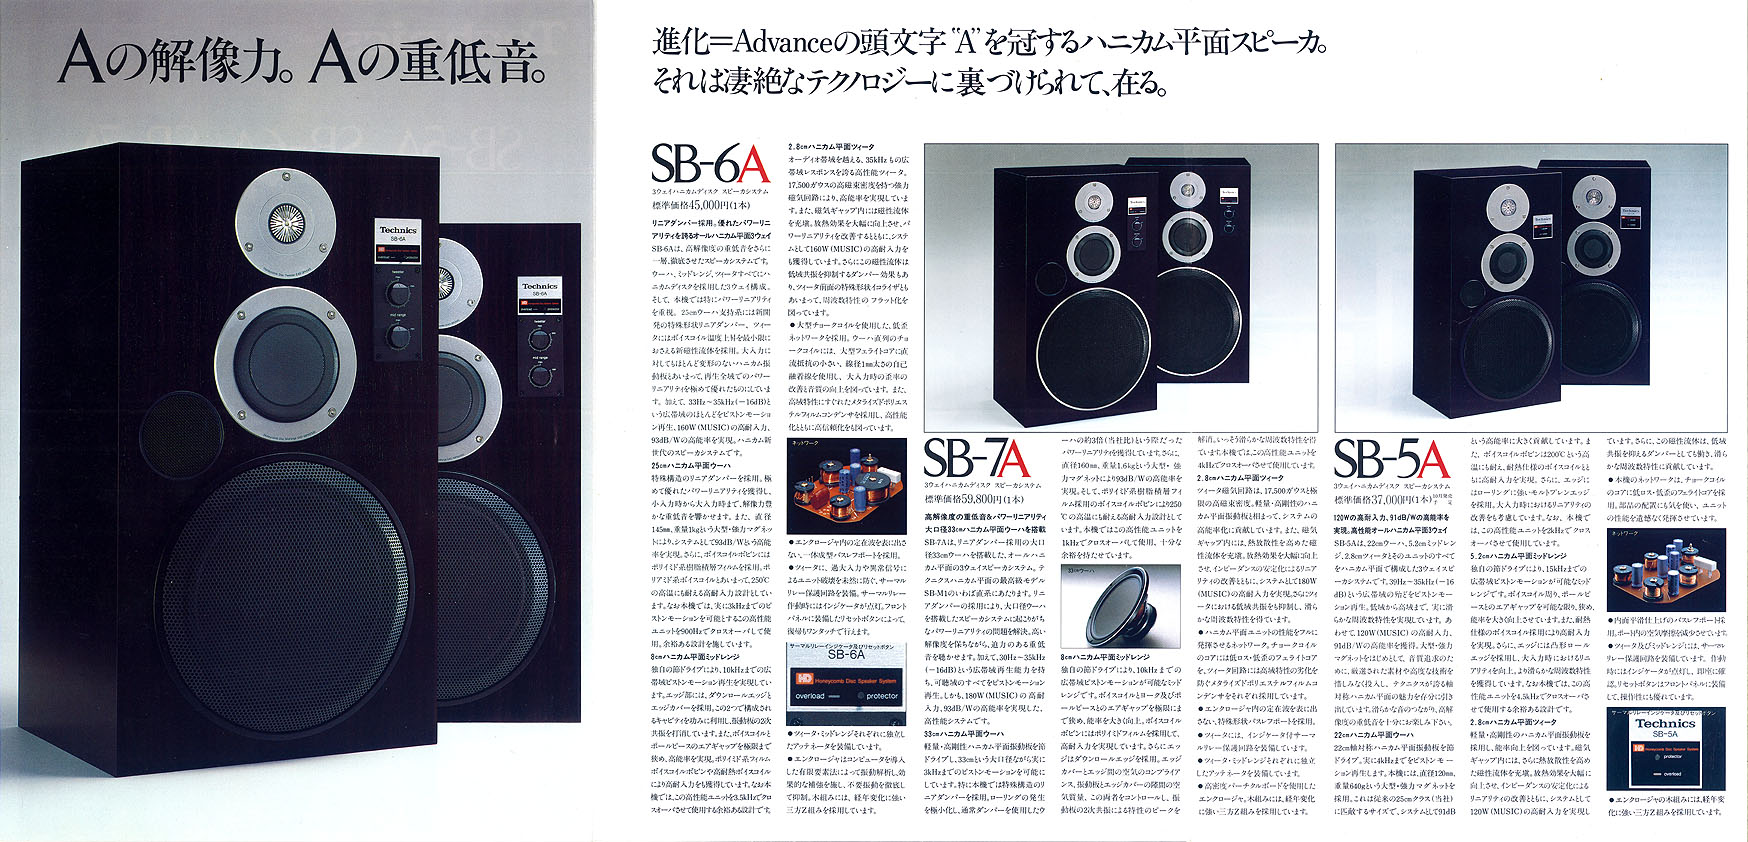 SB-5ASB-6ASB-7A_03.jpg